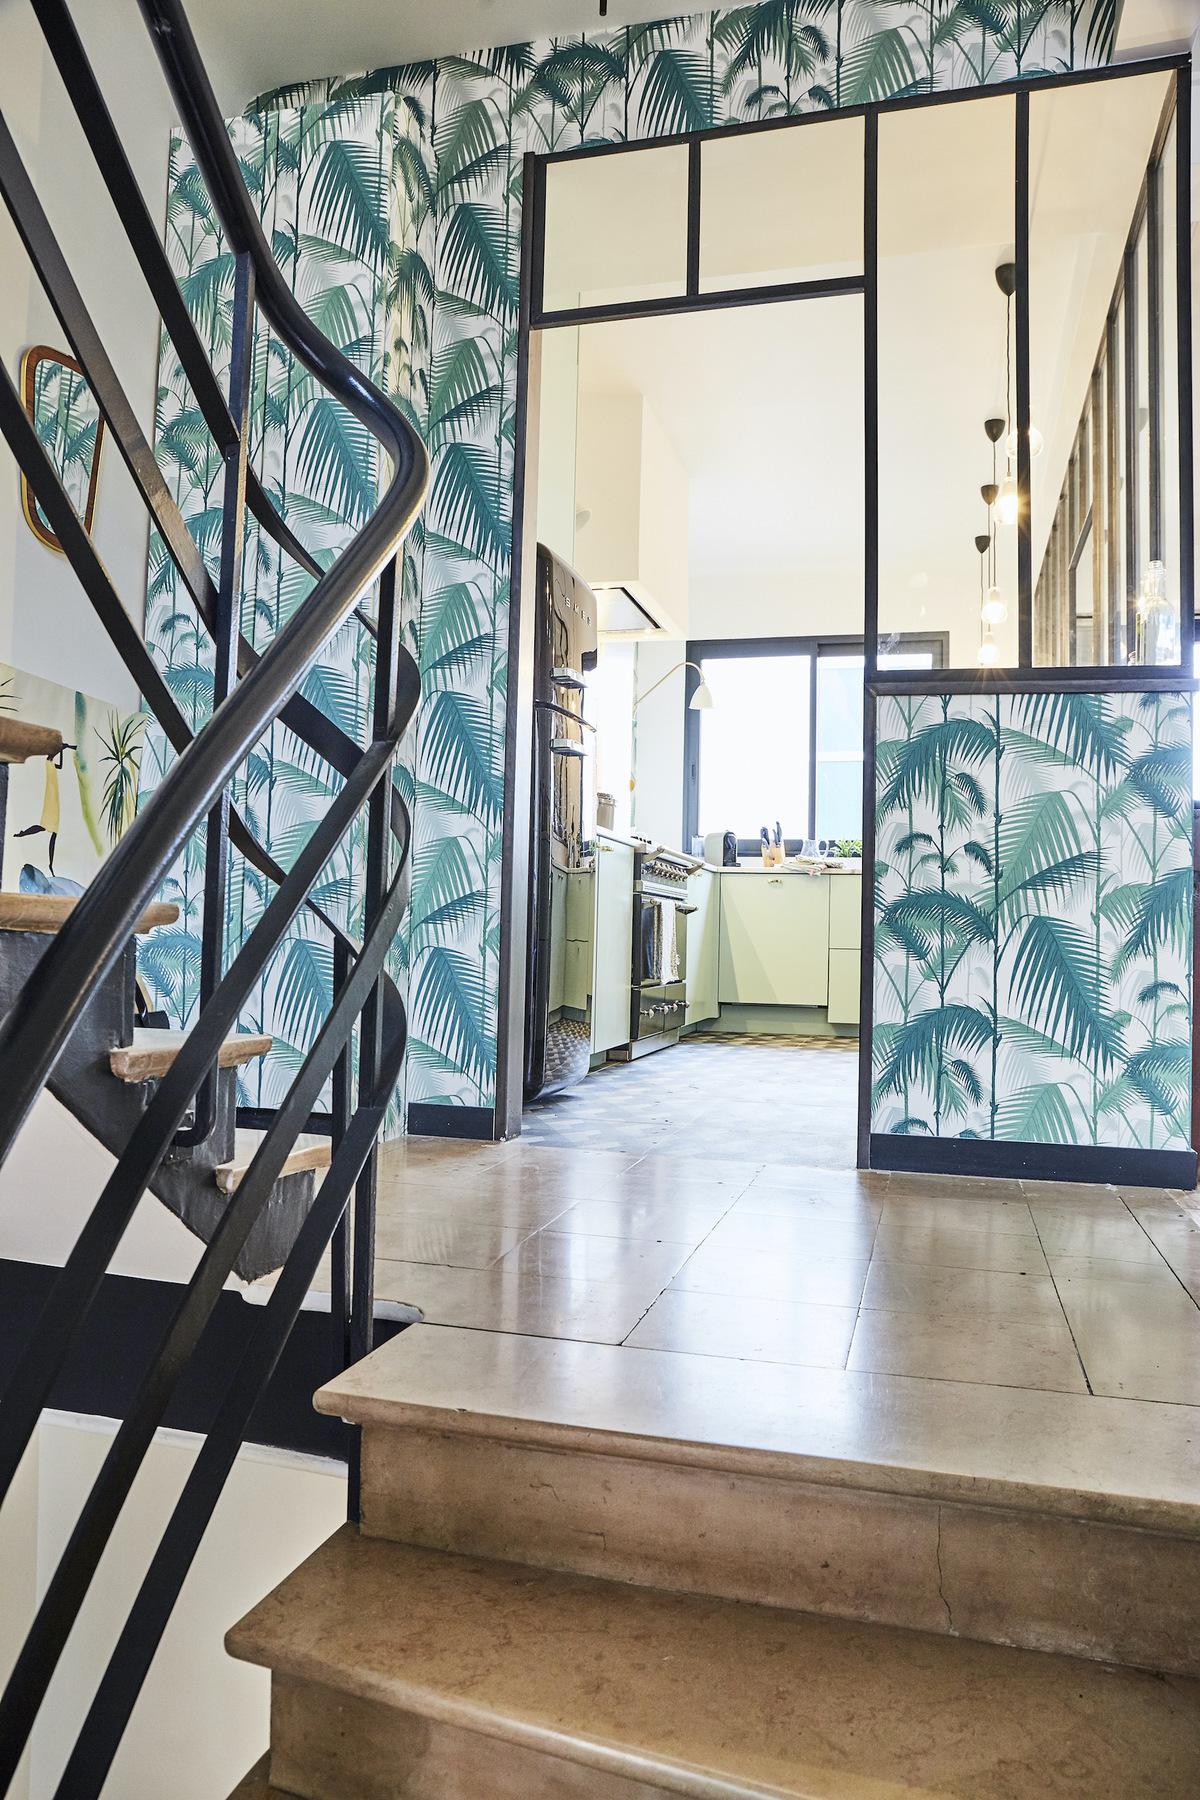 maison paris déco style années 30 verrière papier-peint jungle feuille palmier